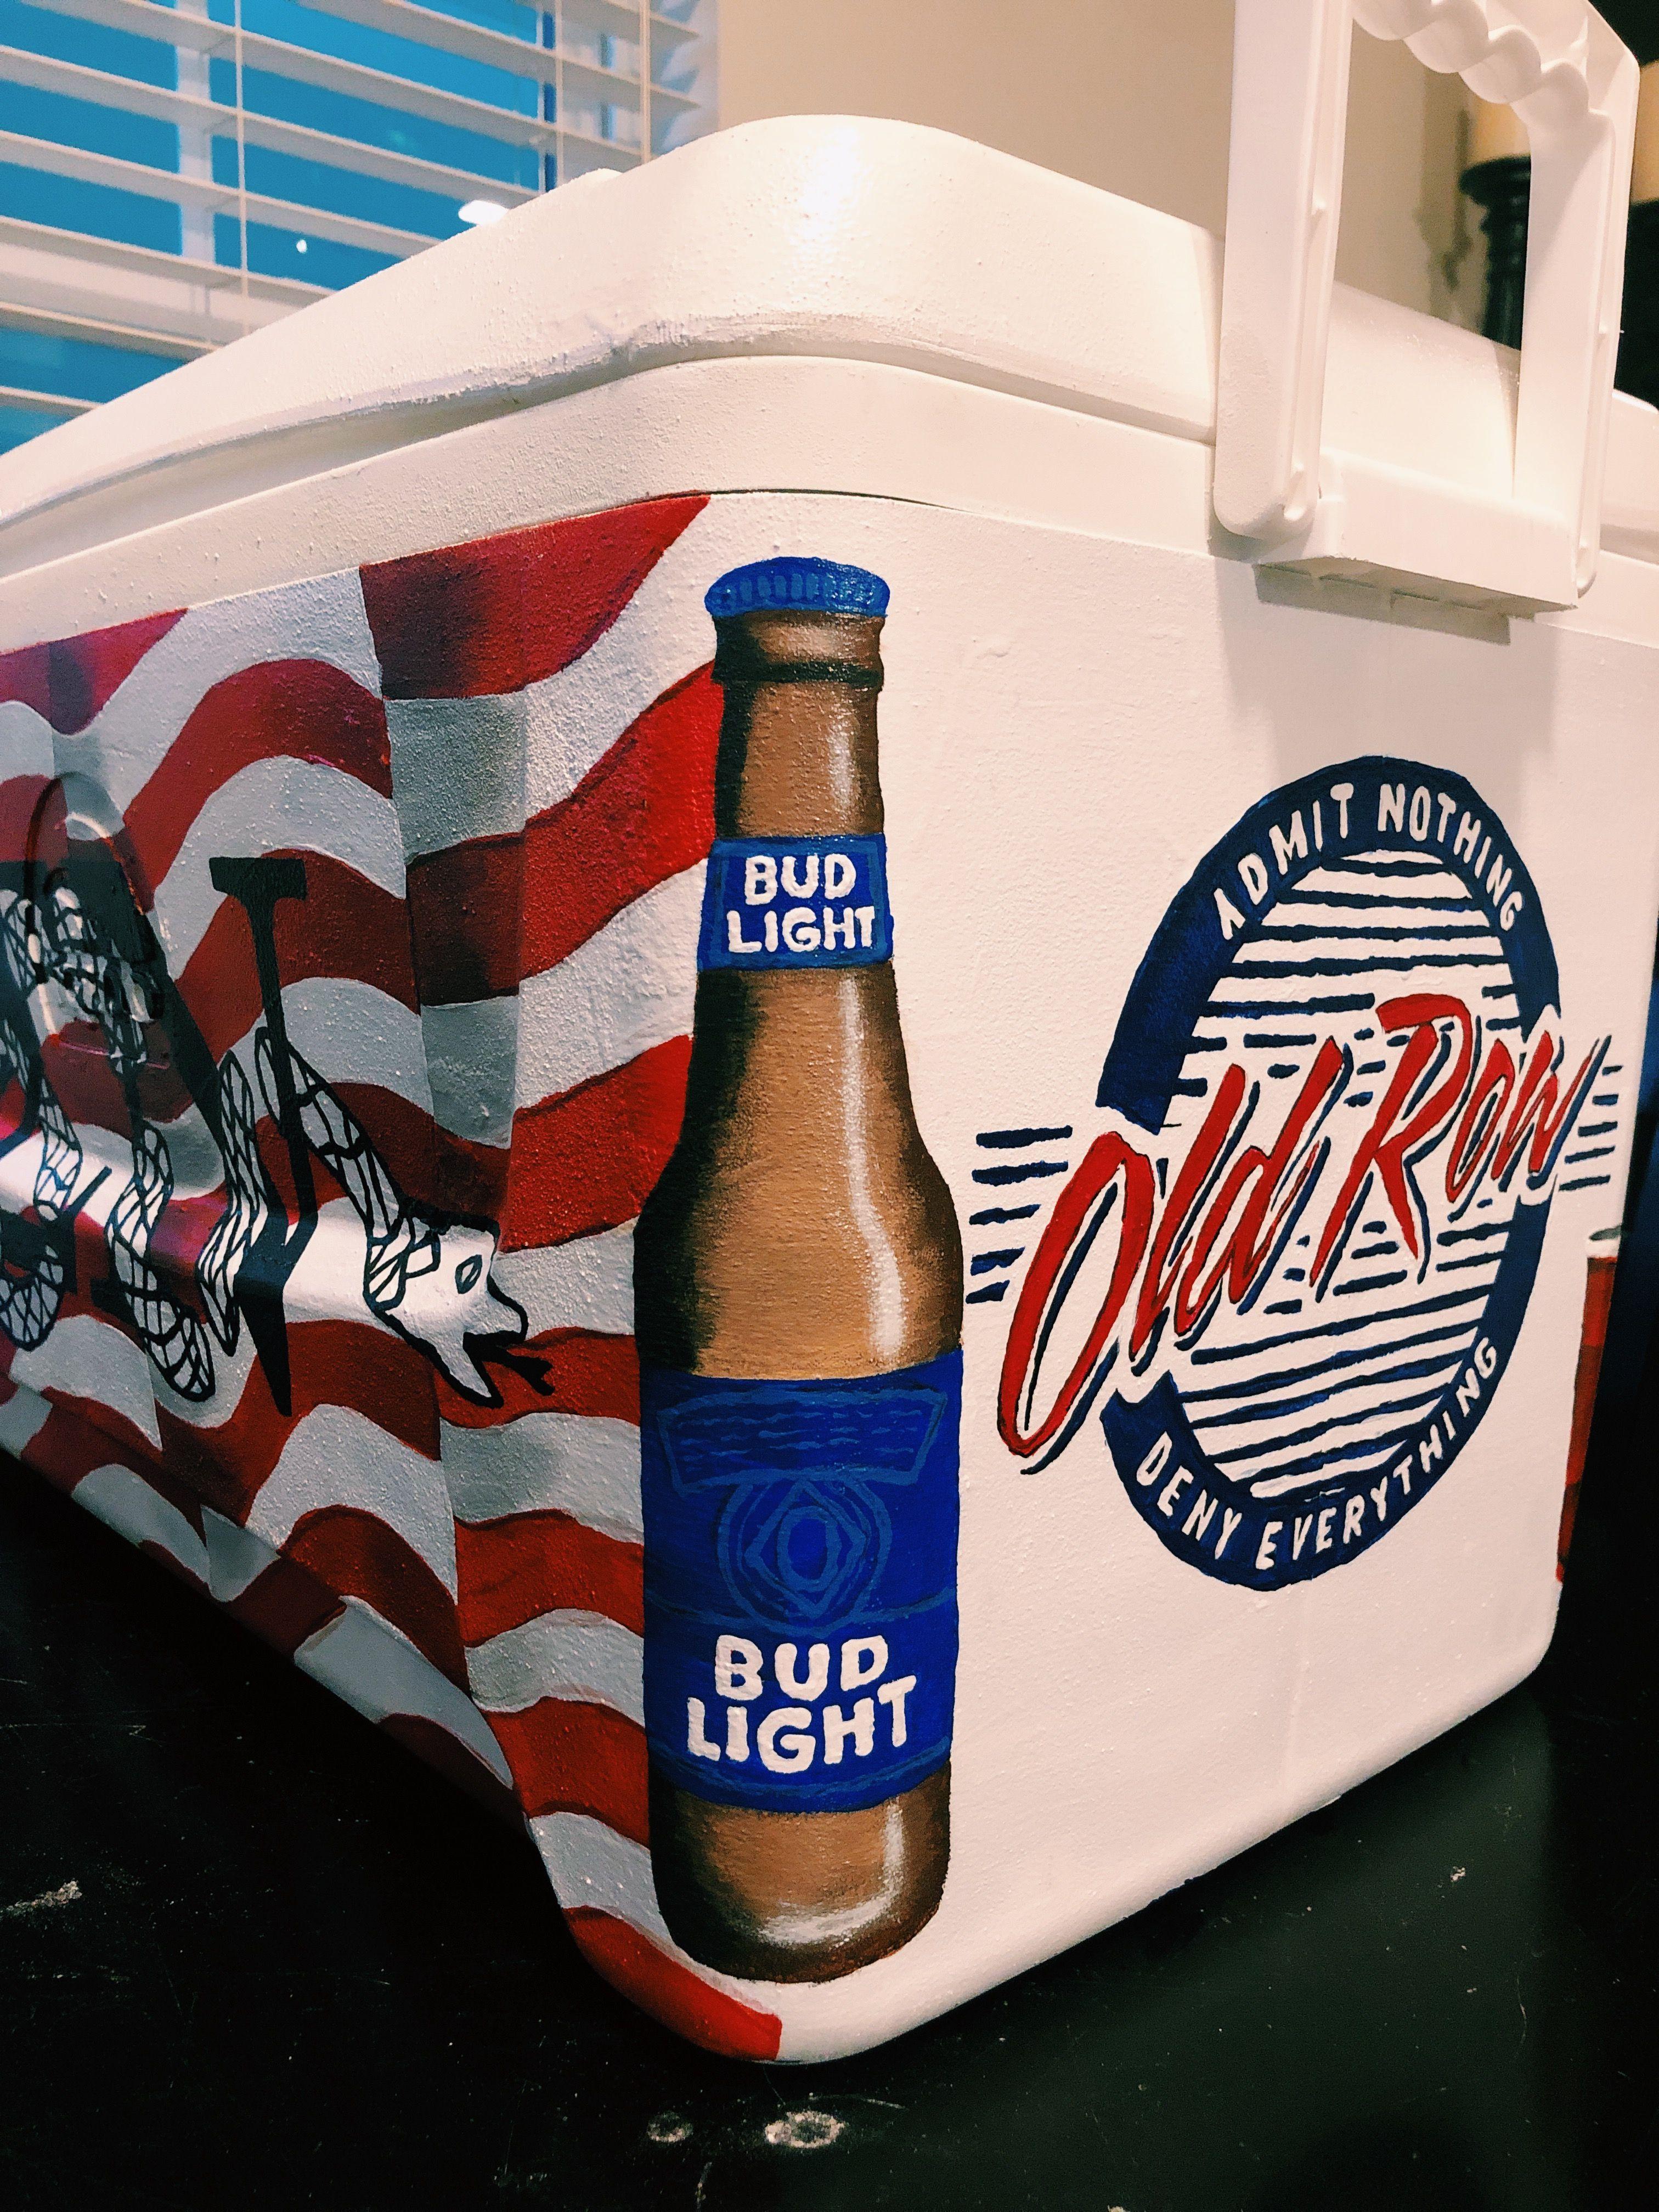 Fraternity Formal Cooler Bud Light Beer Formal Cooler Ideas Fraternity Coolers Painted Fraternity Coolers